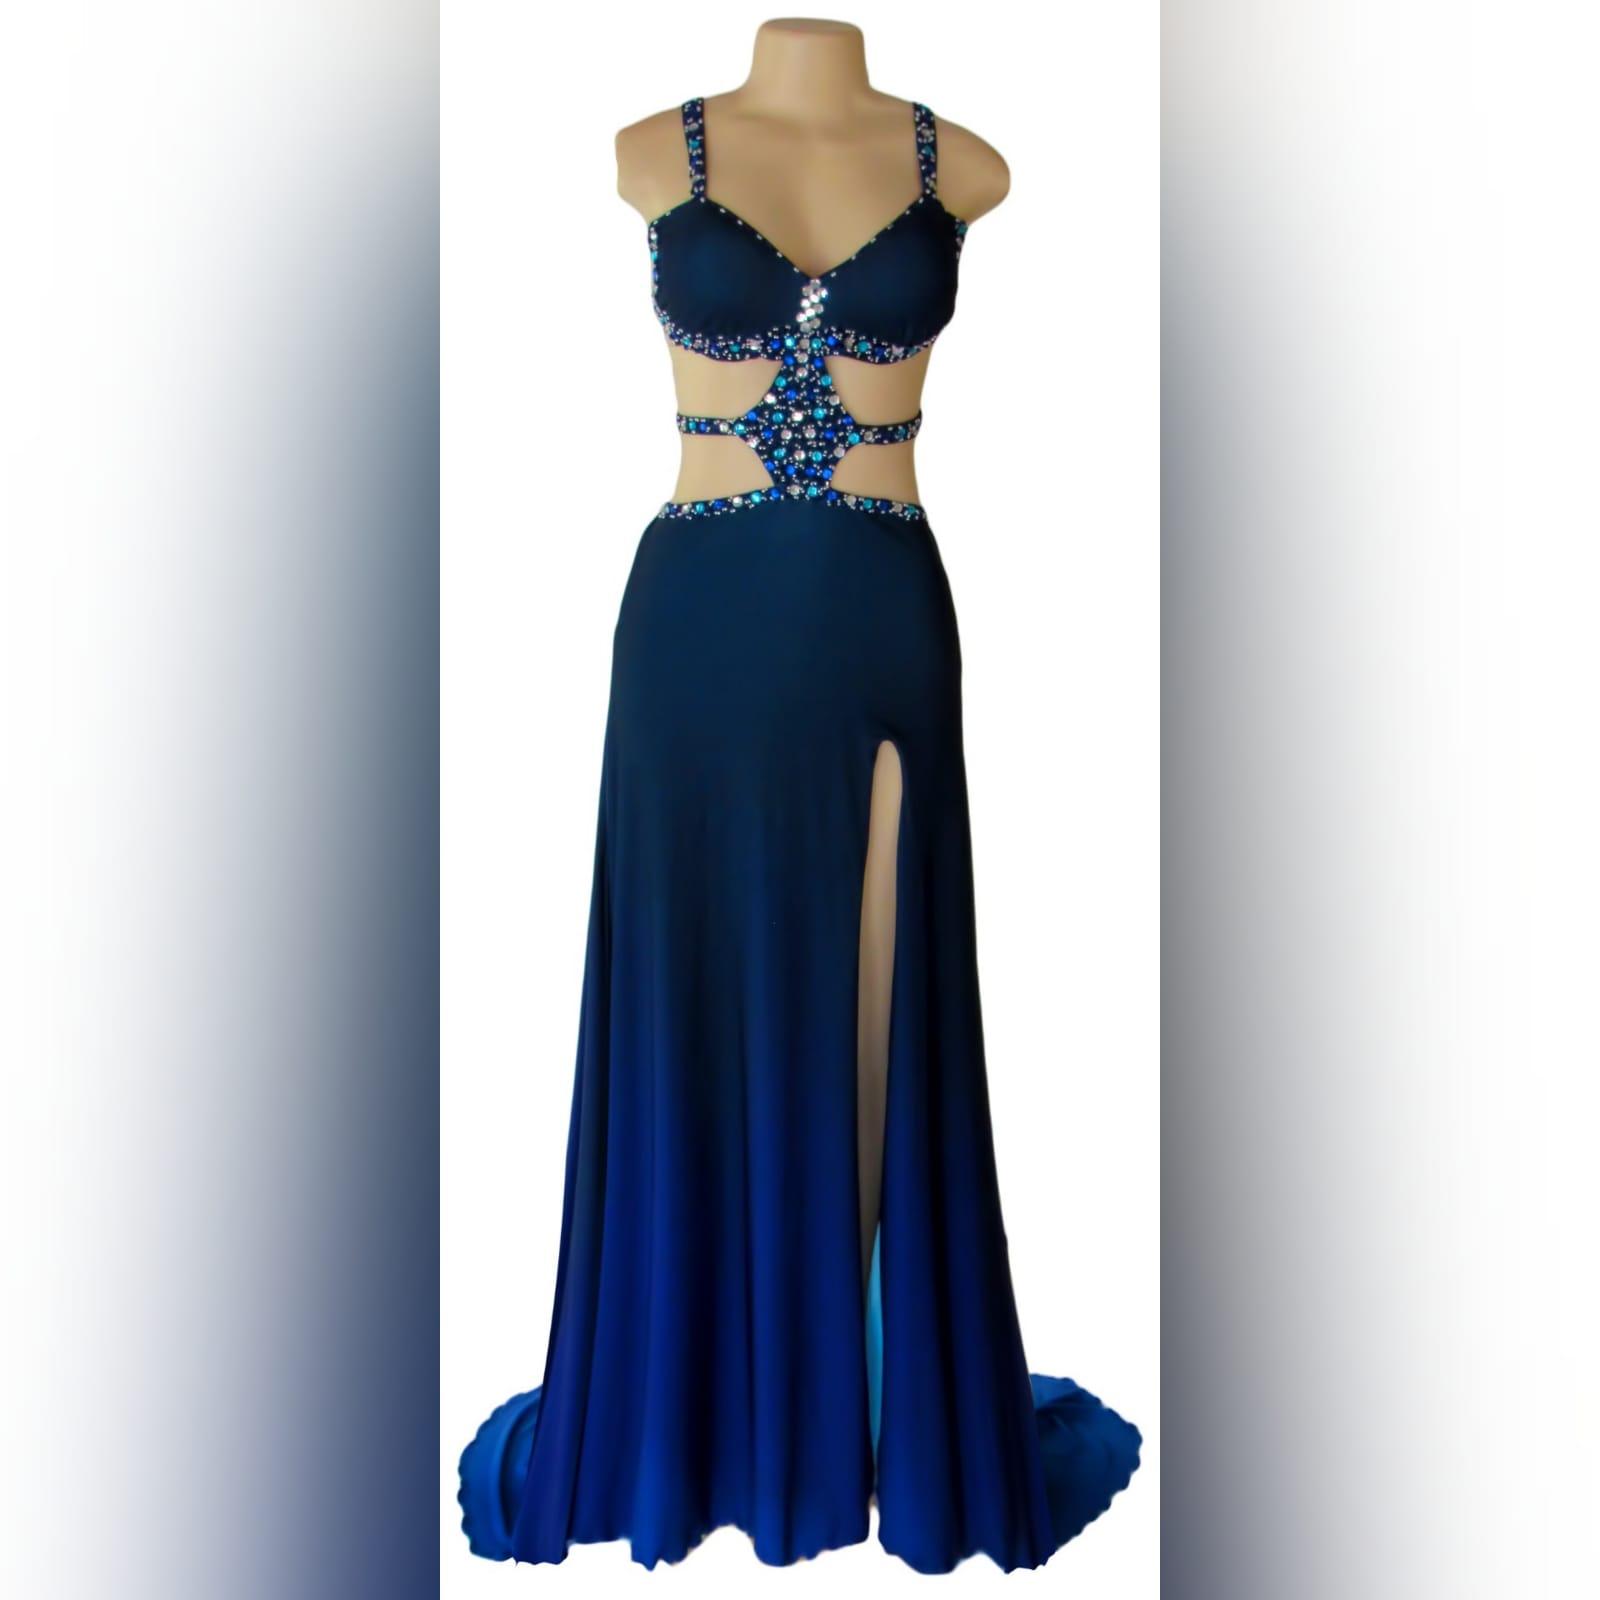 Vestido de finalista sexy azul com pedras 4 vestido de finalista sexy azul com pedras. Com uma racha e uma cauda. Com aberturas na barriga e nas costas detalhadas com pedras prateadas, azuis e turquesa. Vestido com vários tons de azul.